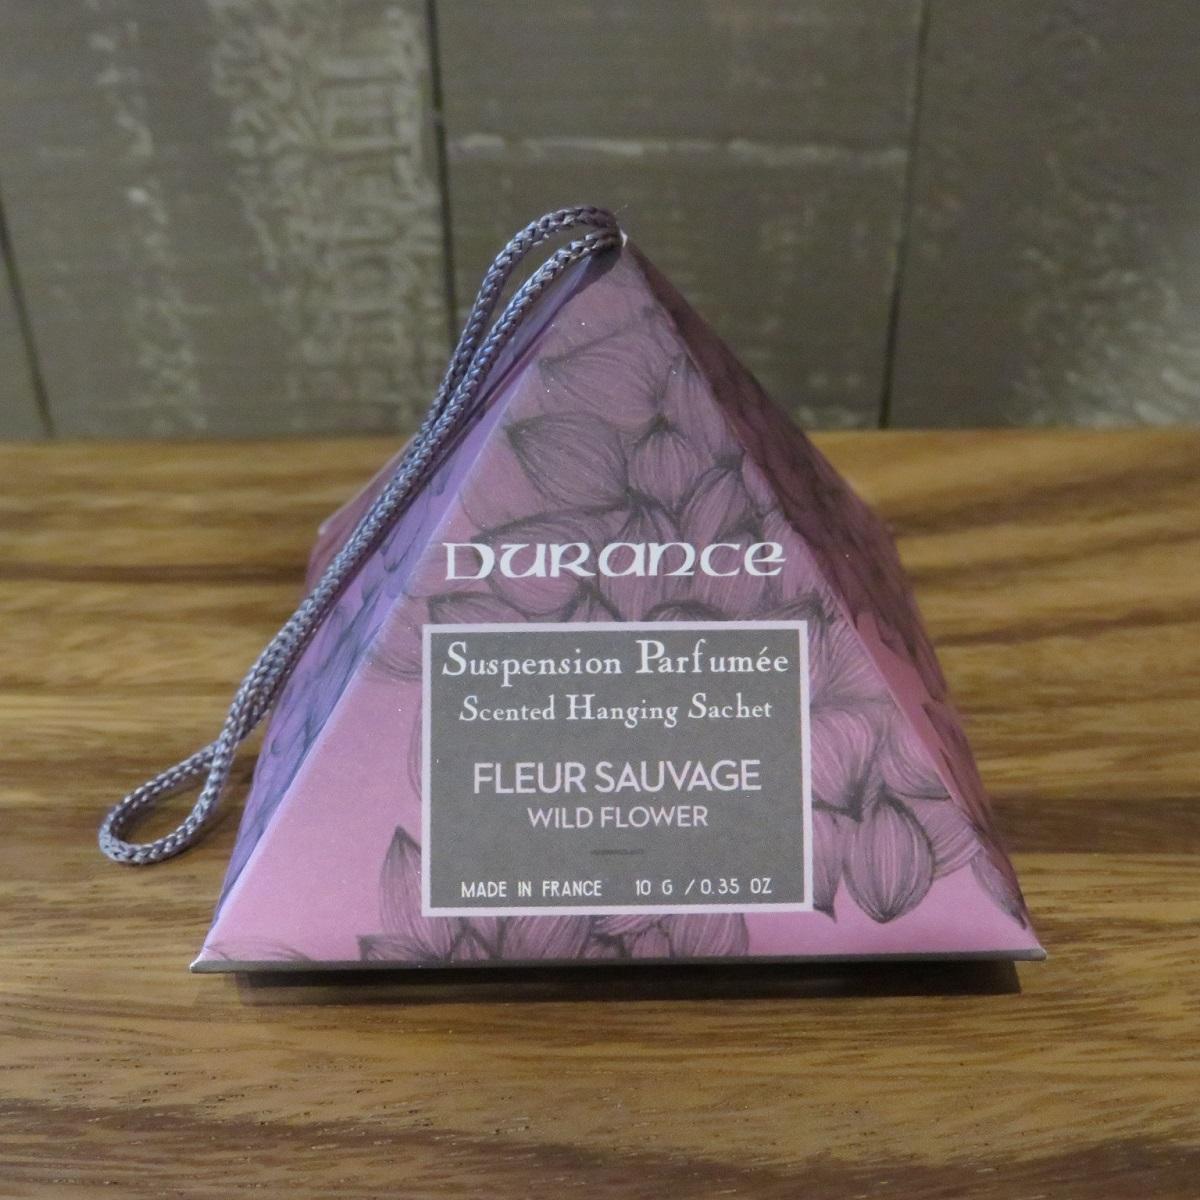 デュランス (DURANCE) EMPREINTEオンプラント ハギングサシェ ワイルドフラワー